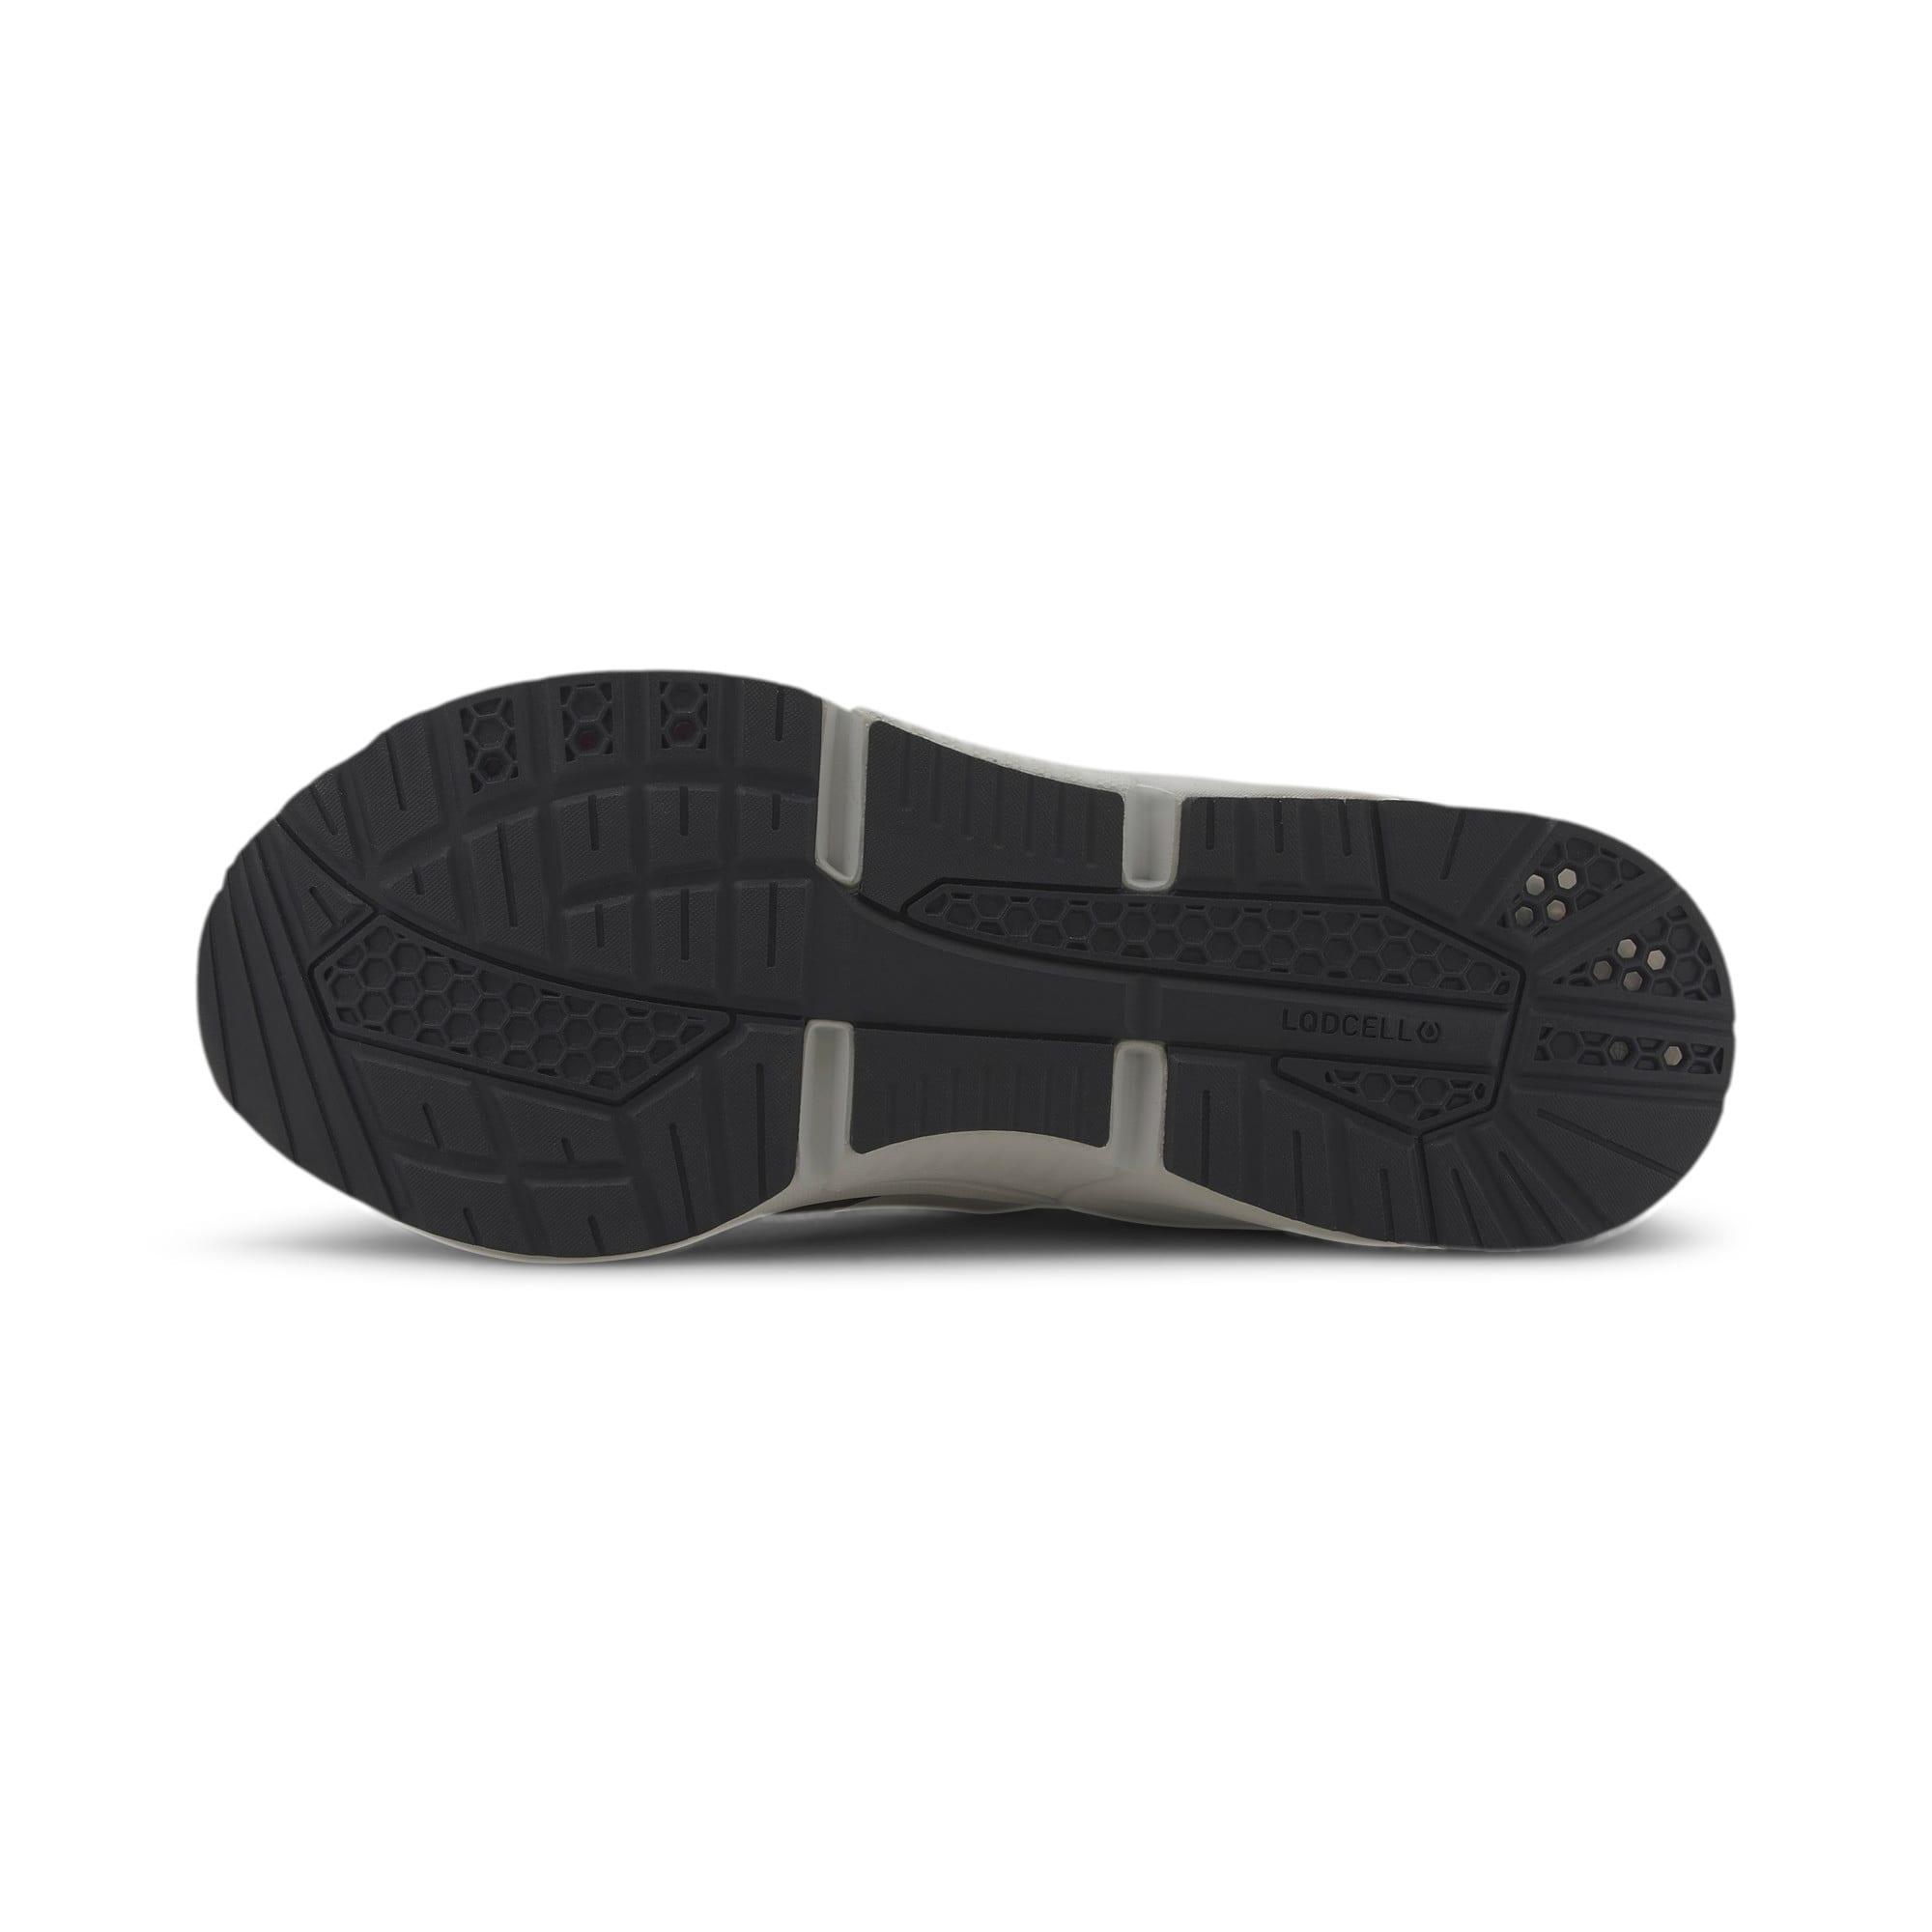 Thumbnail 4 of Chaussure pour l'entraînement LQDCELL Optic Sheer pour homme, Gray Violet-Puma Black, medium